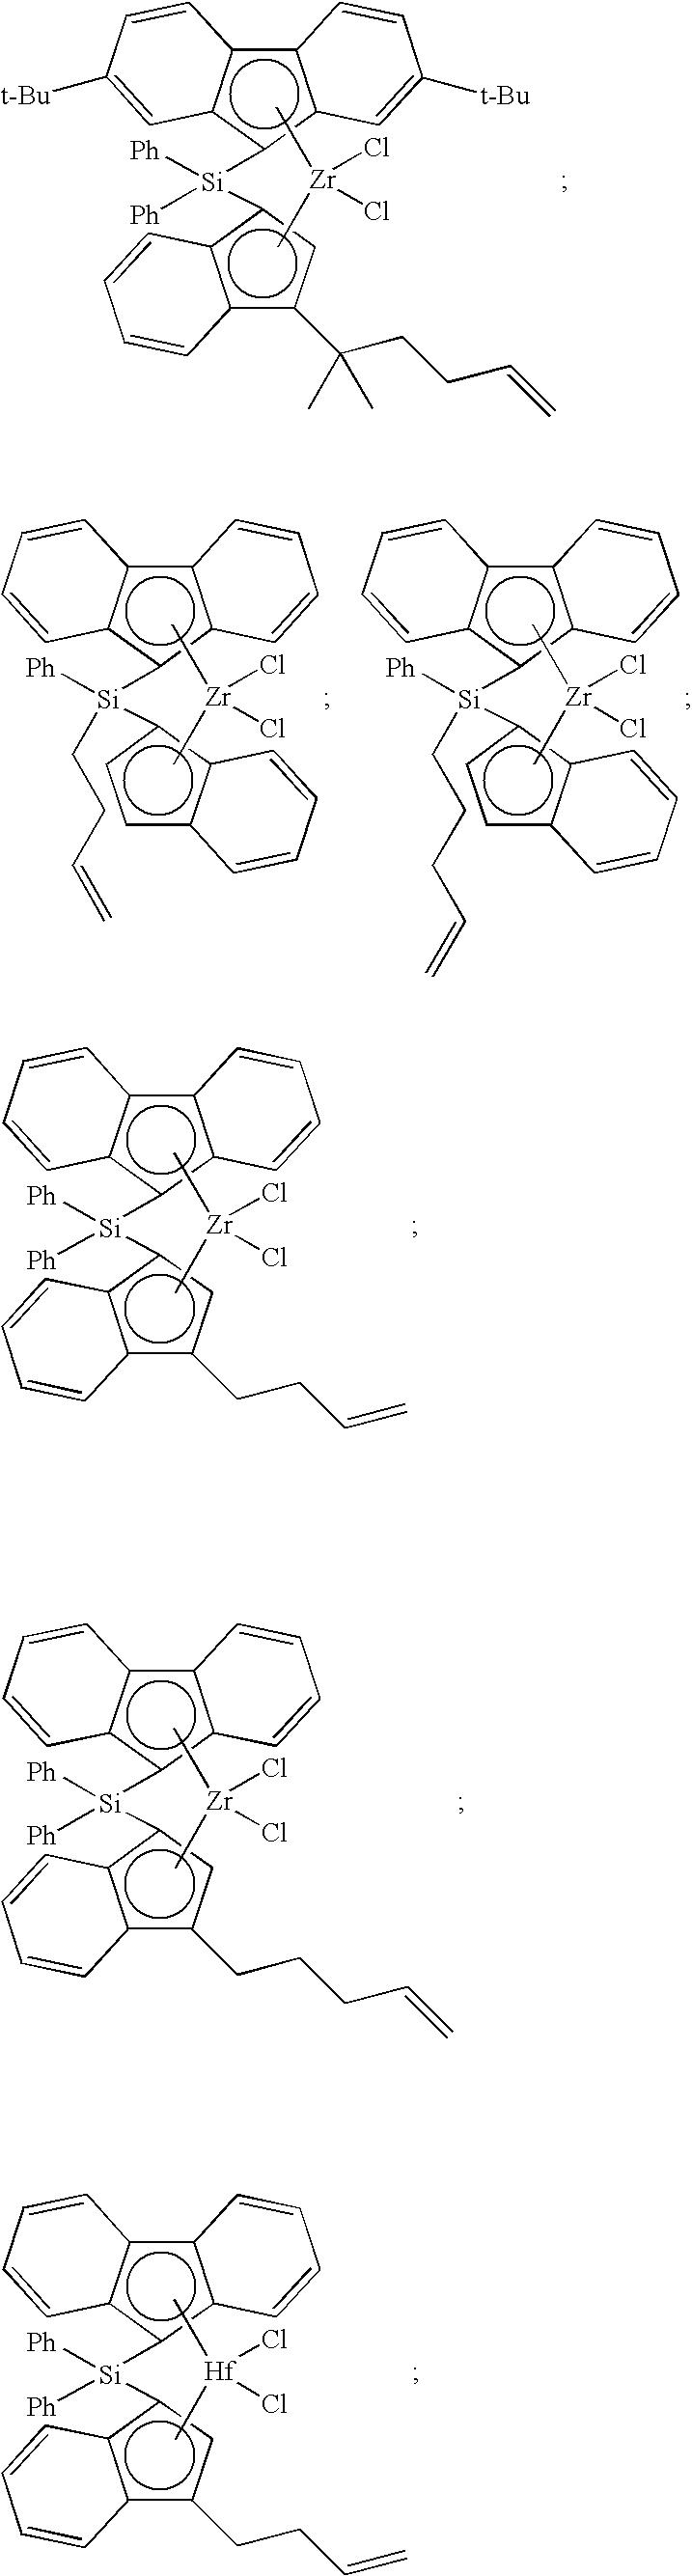 Figure US08329834-20121211-C00019